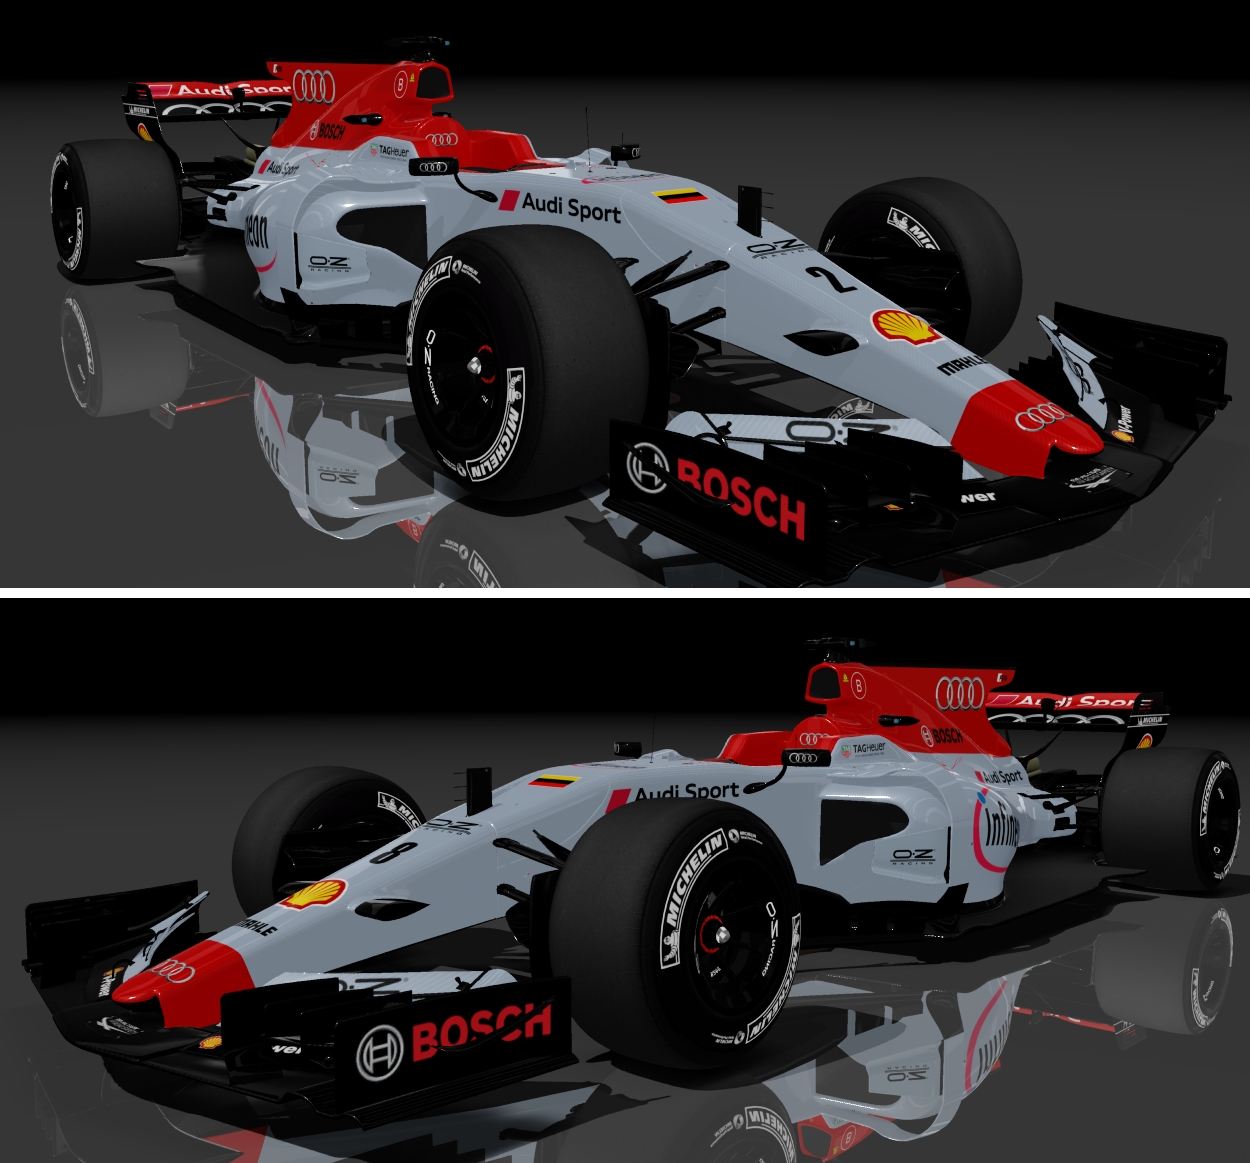 Audi_Sport_F1.jpg